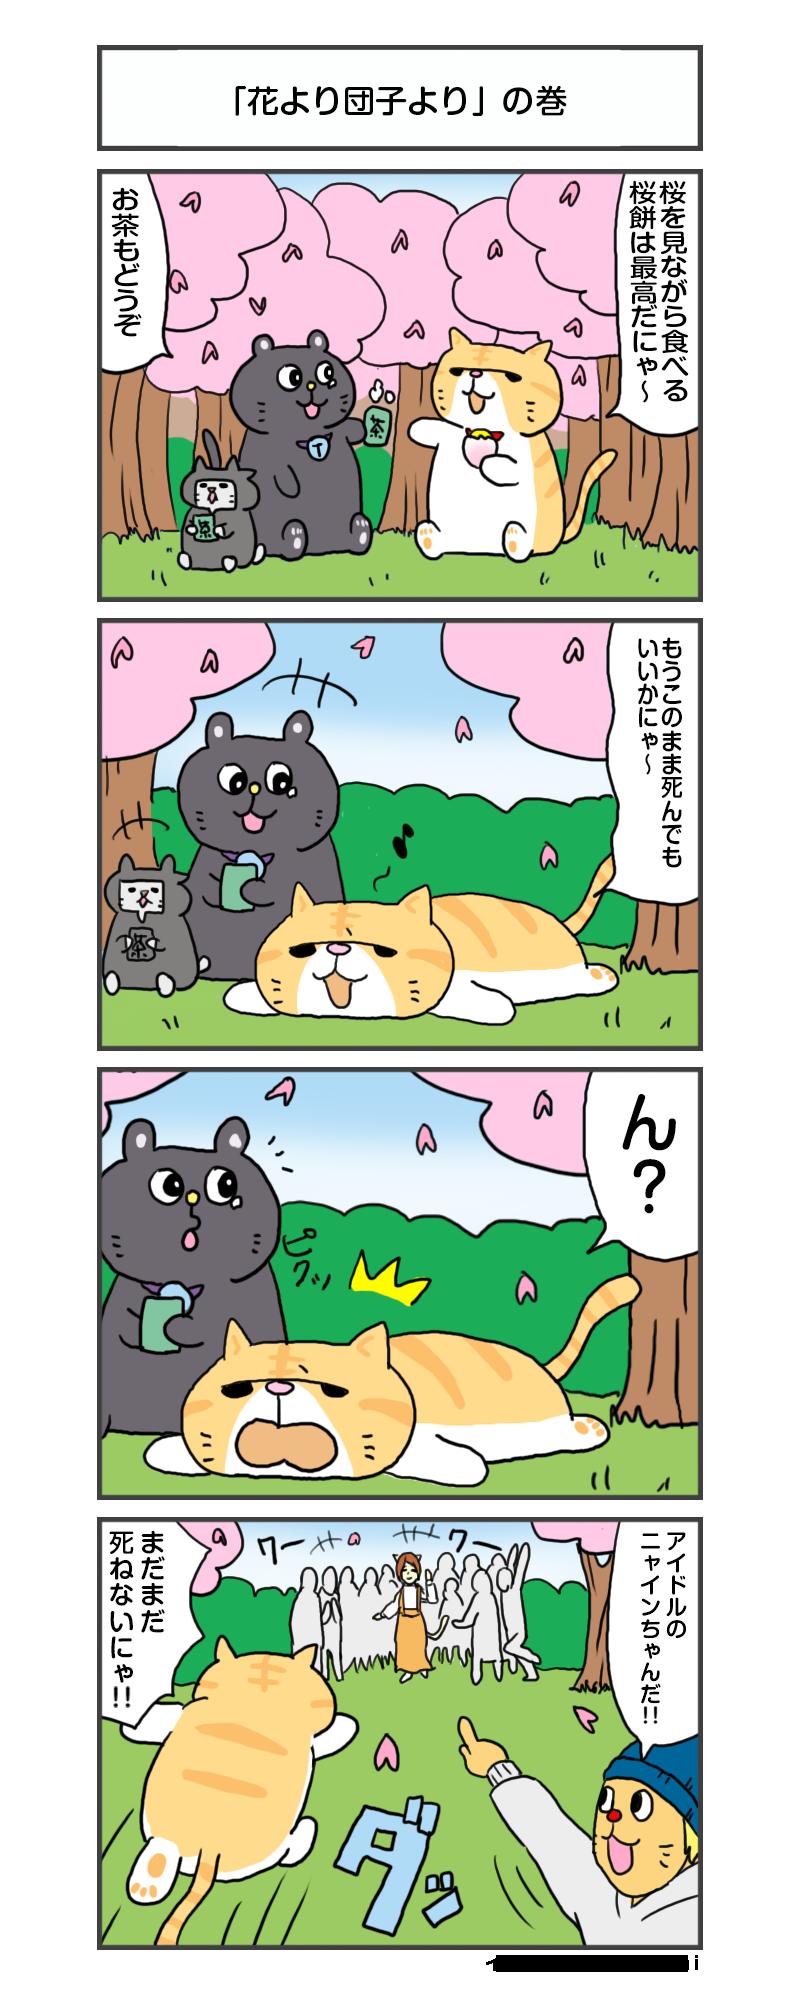 縺医″縺昴y縺・anga_vol.243